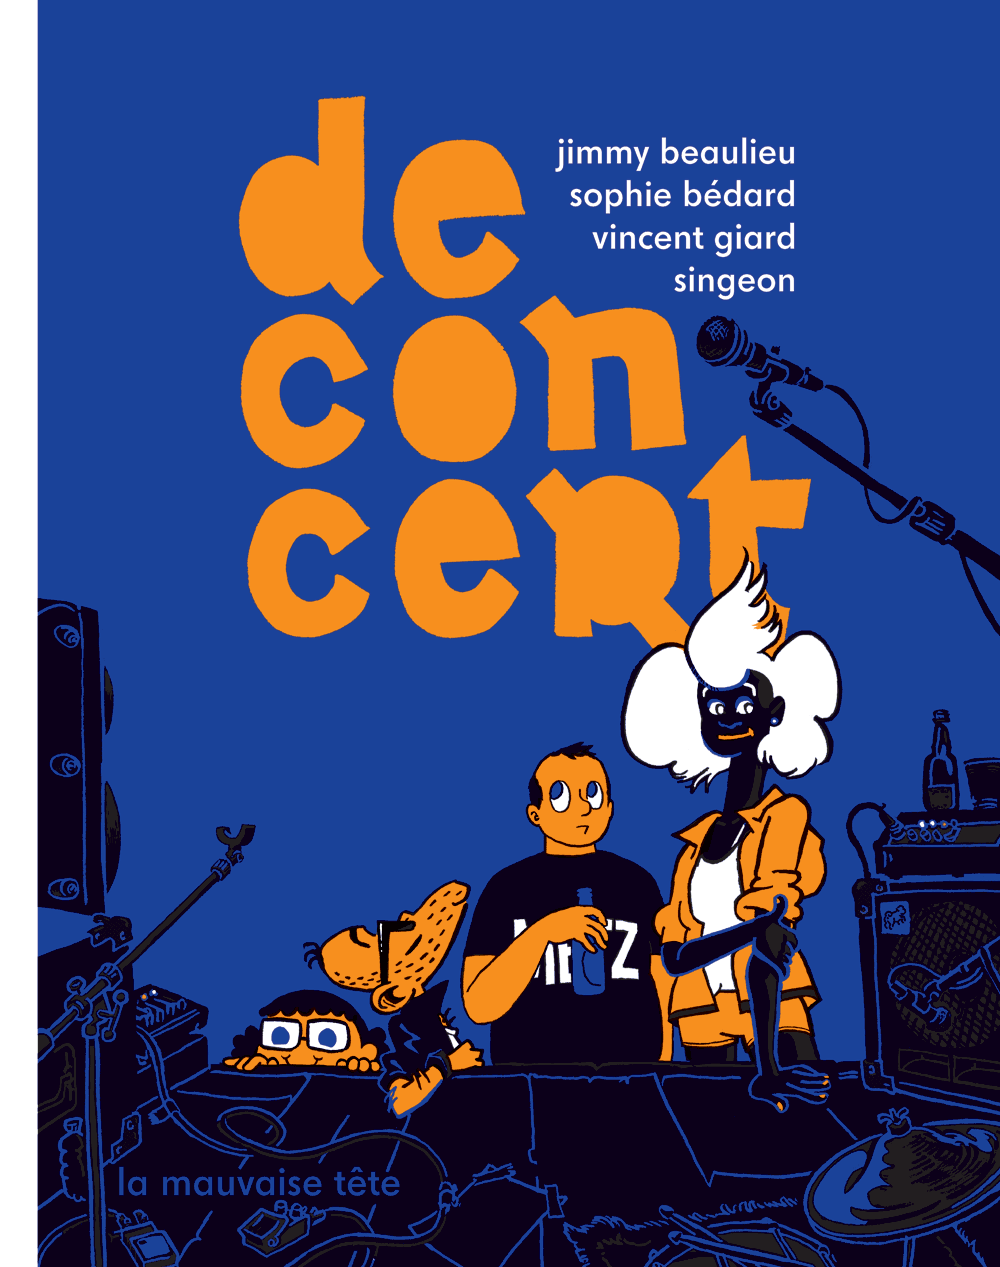 De concert, par Jimmy Beaulieu, Sophie Bédard, Vincent Giard et Singeon, chez La mauvaise tête